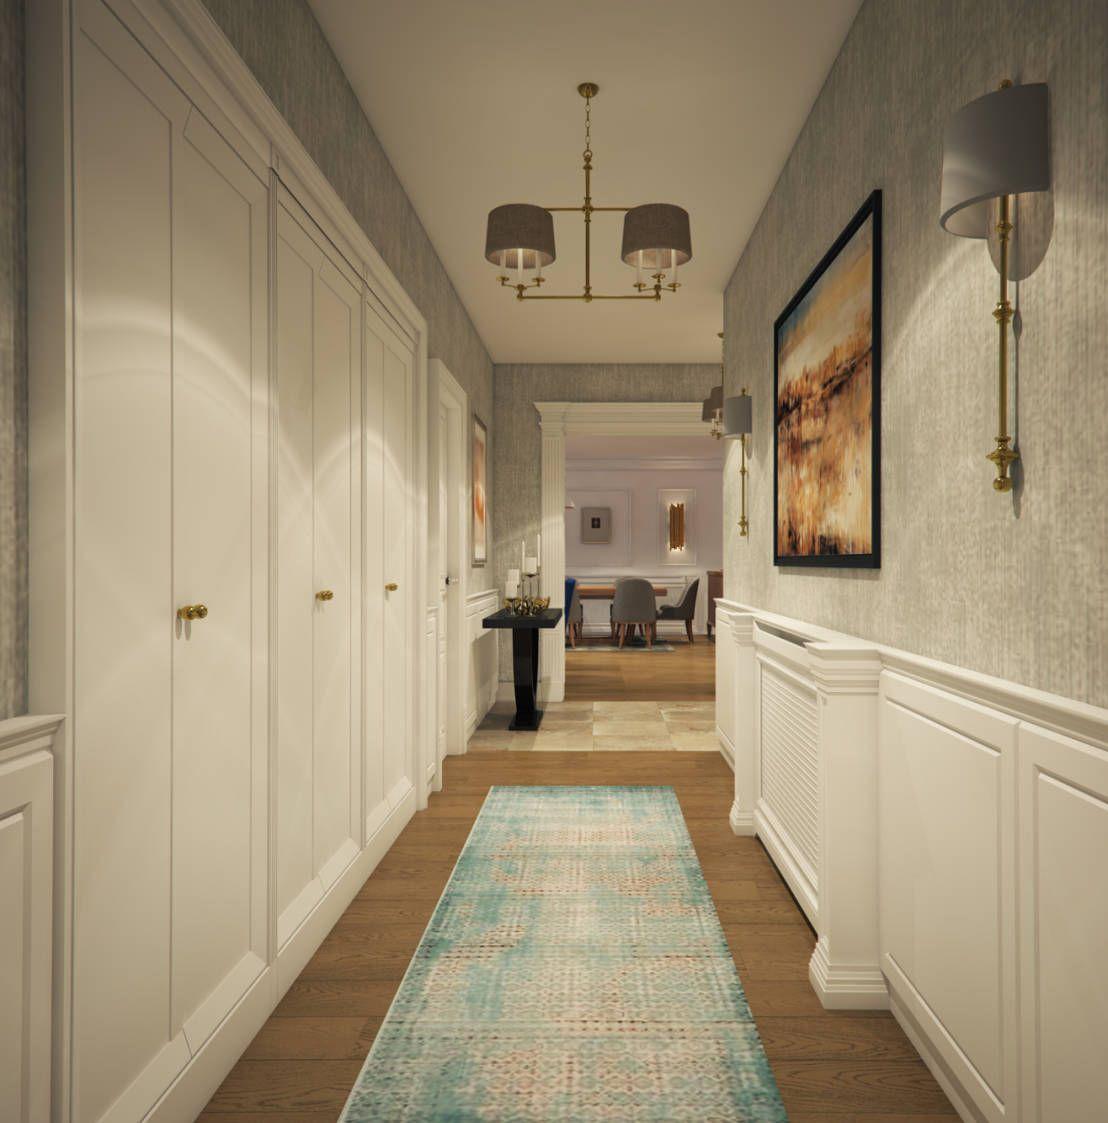 95 Home Entry Hall Ideas For A First Impressive Impression: Daha Temiz Ve Düzenli Görünen Bir Ev Için 6 Ipucu